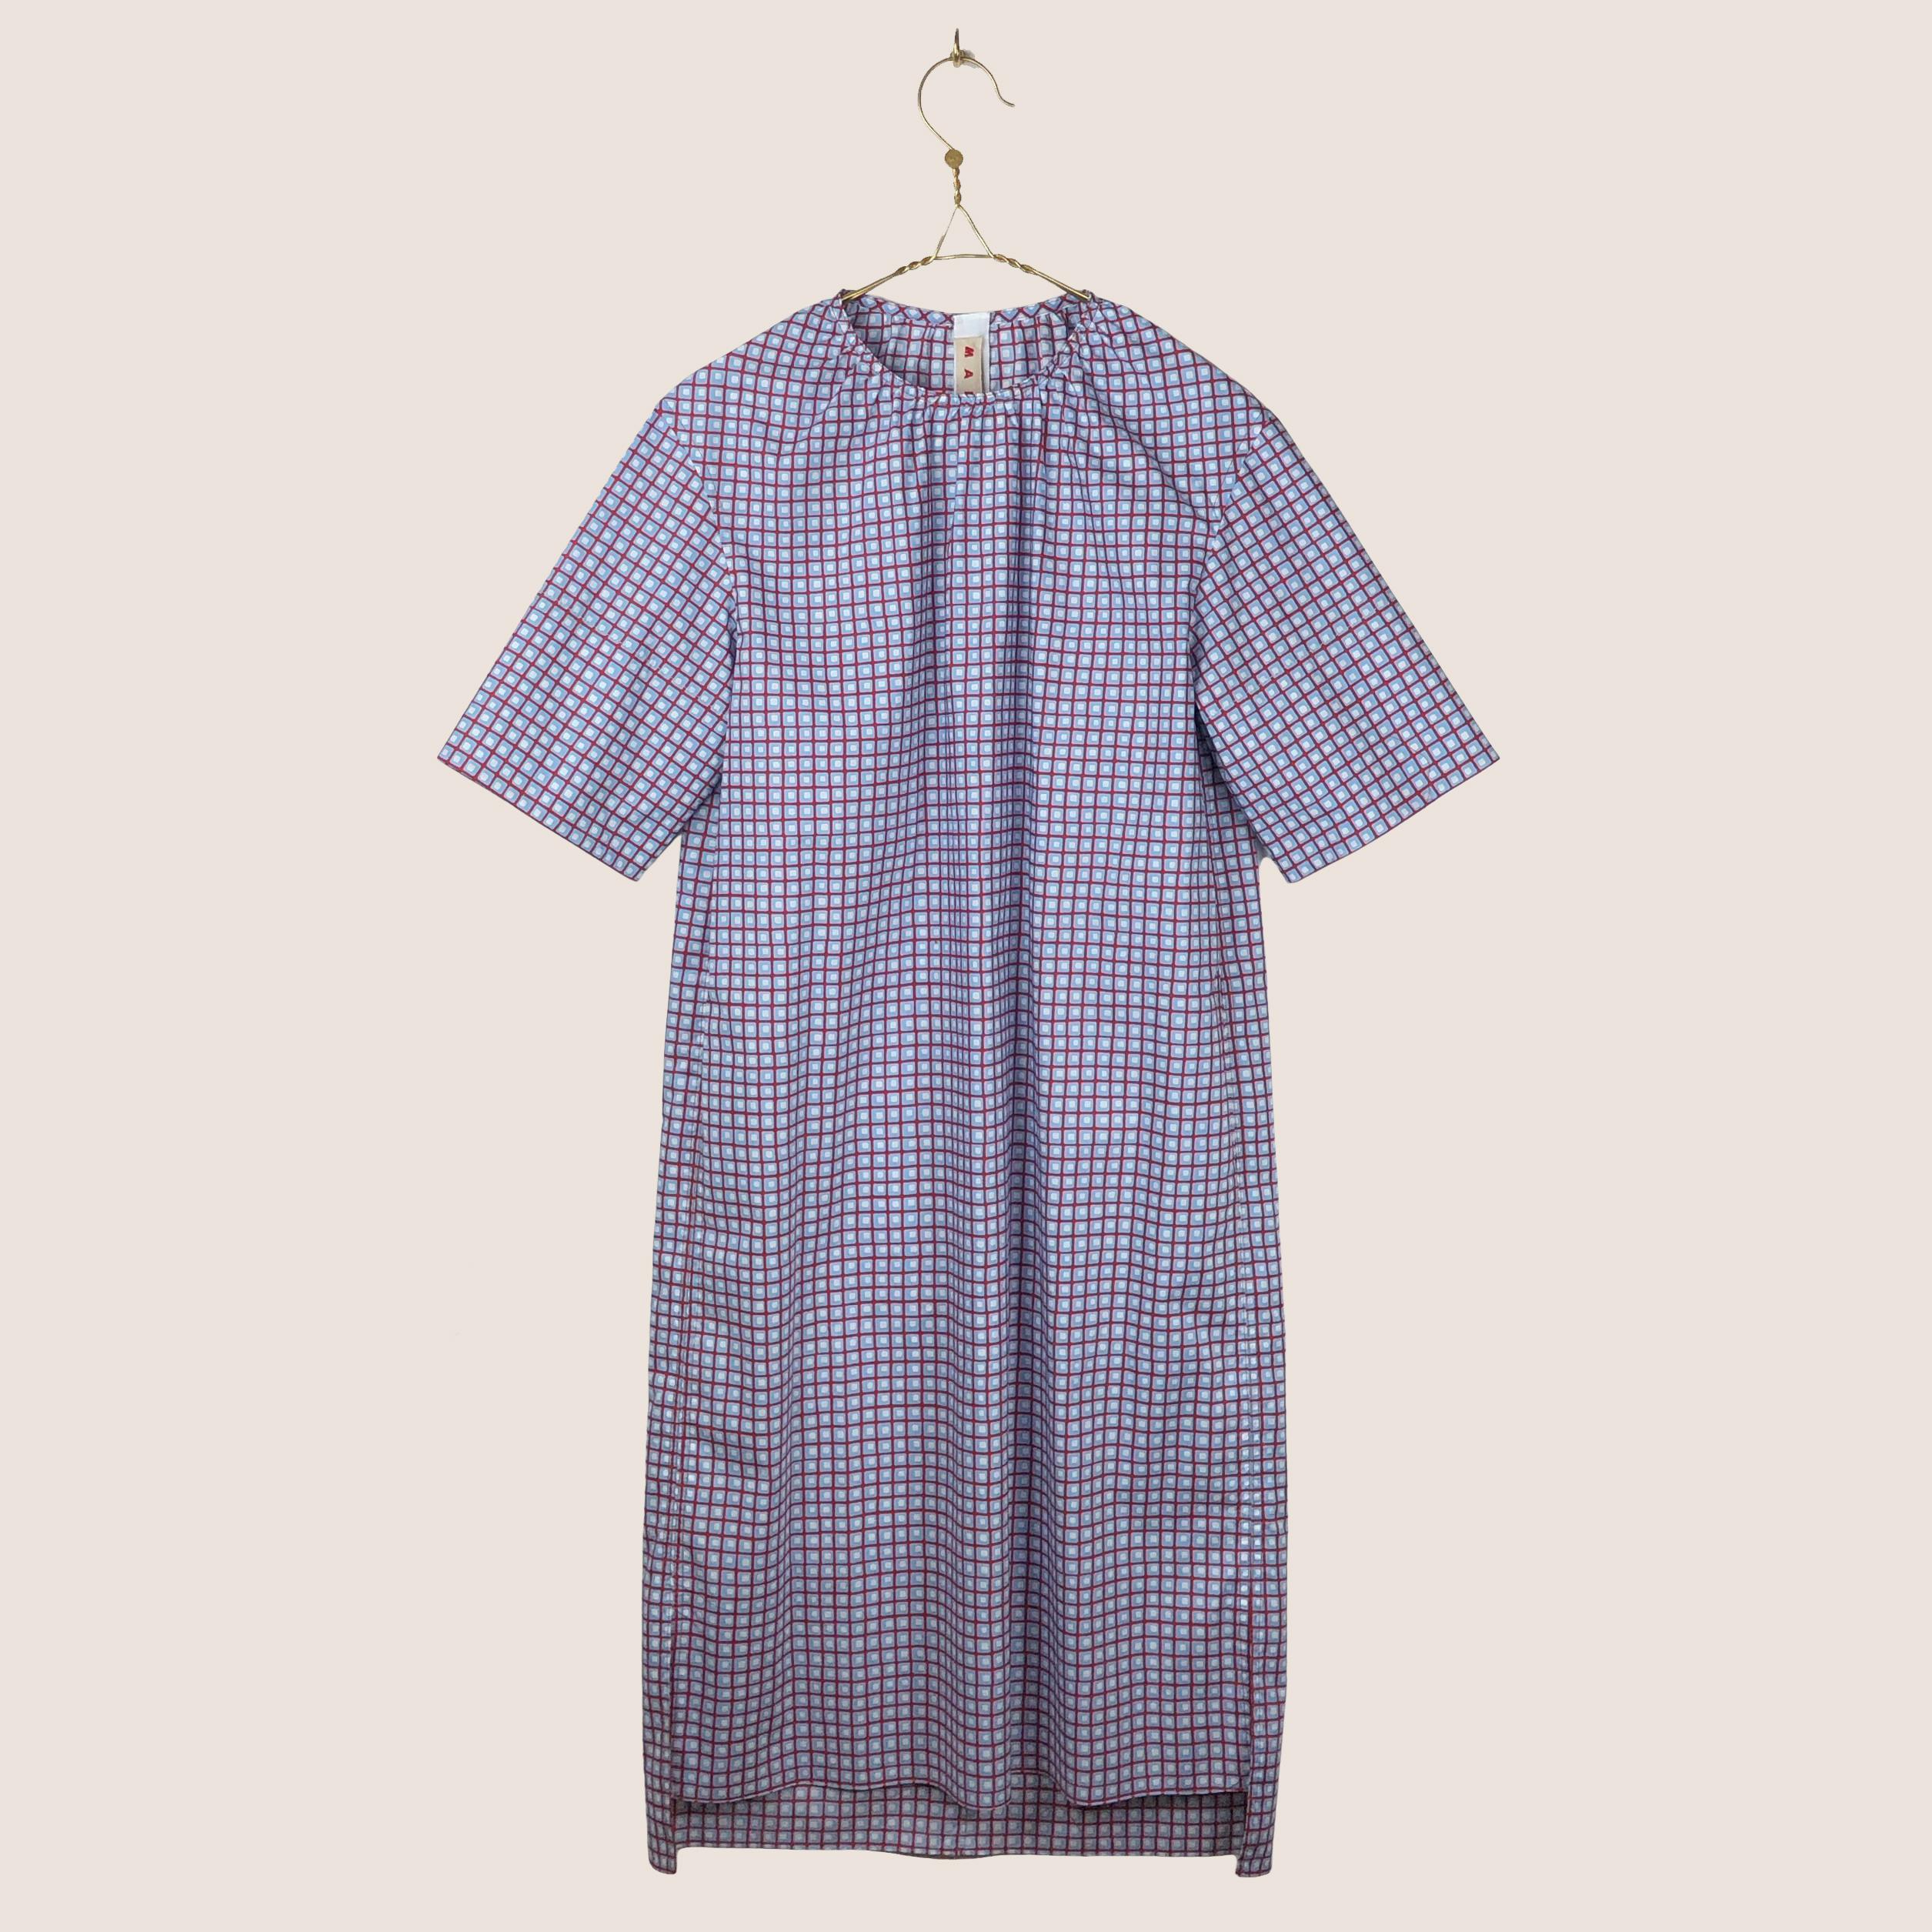 S/S Dress